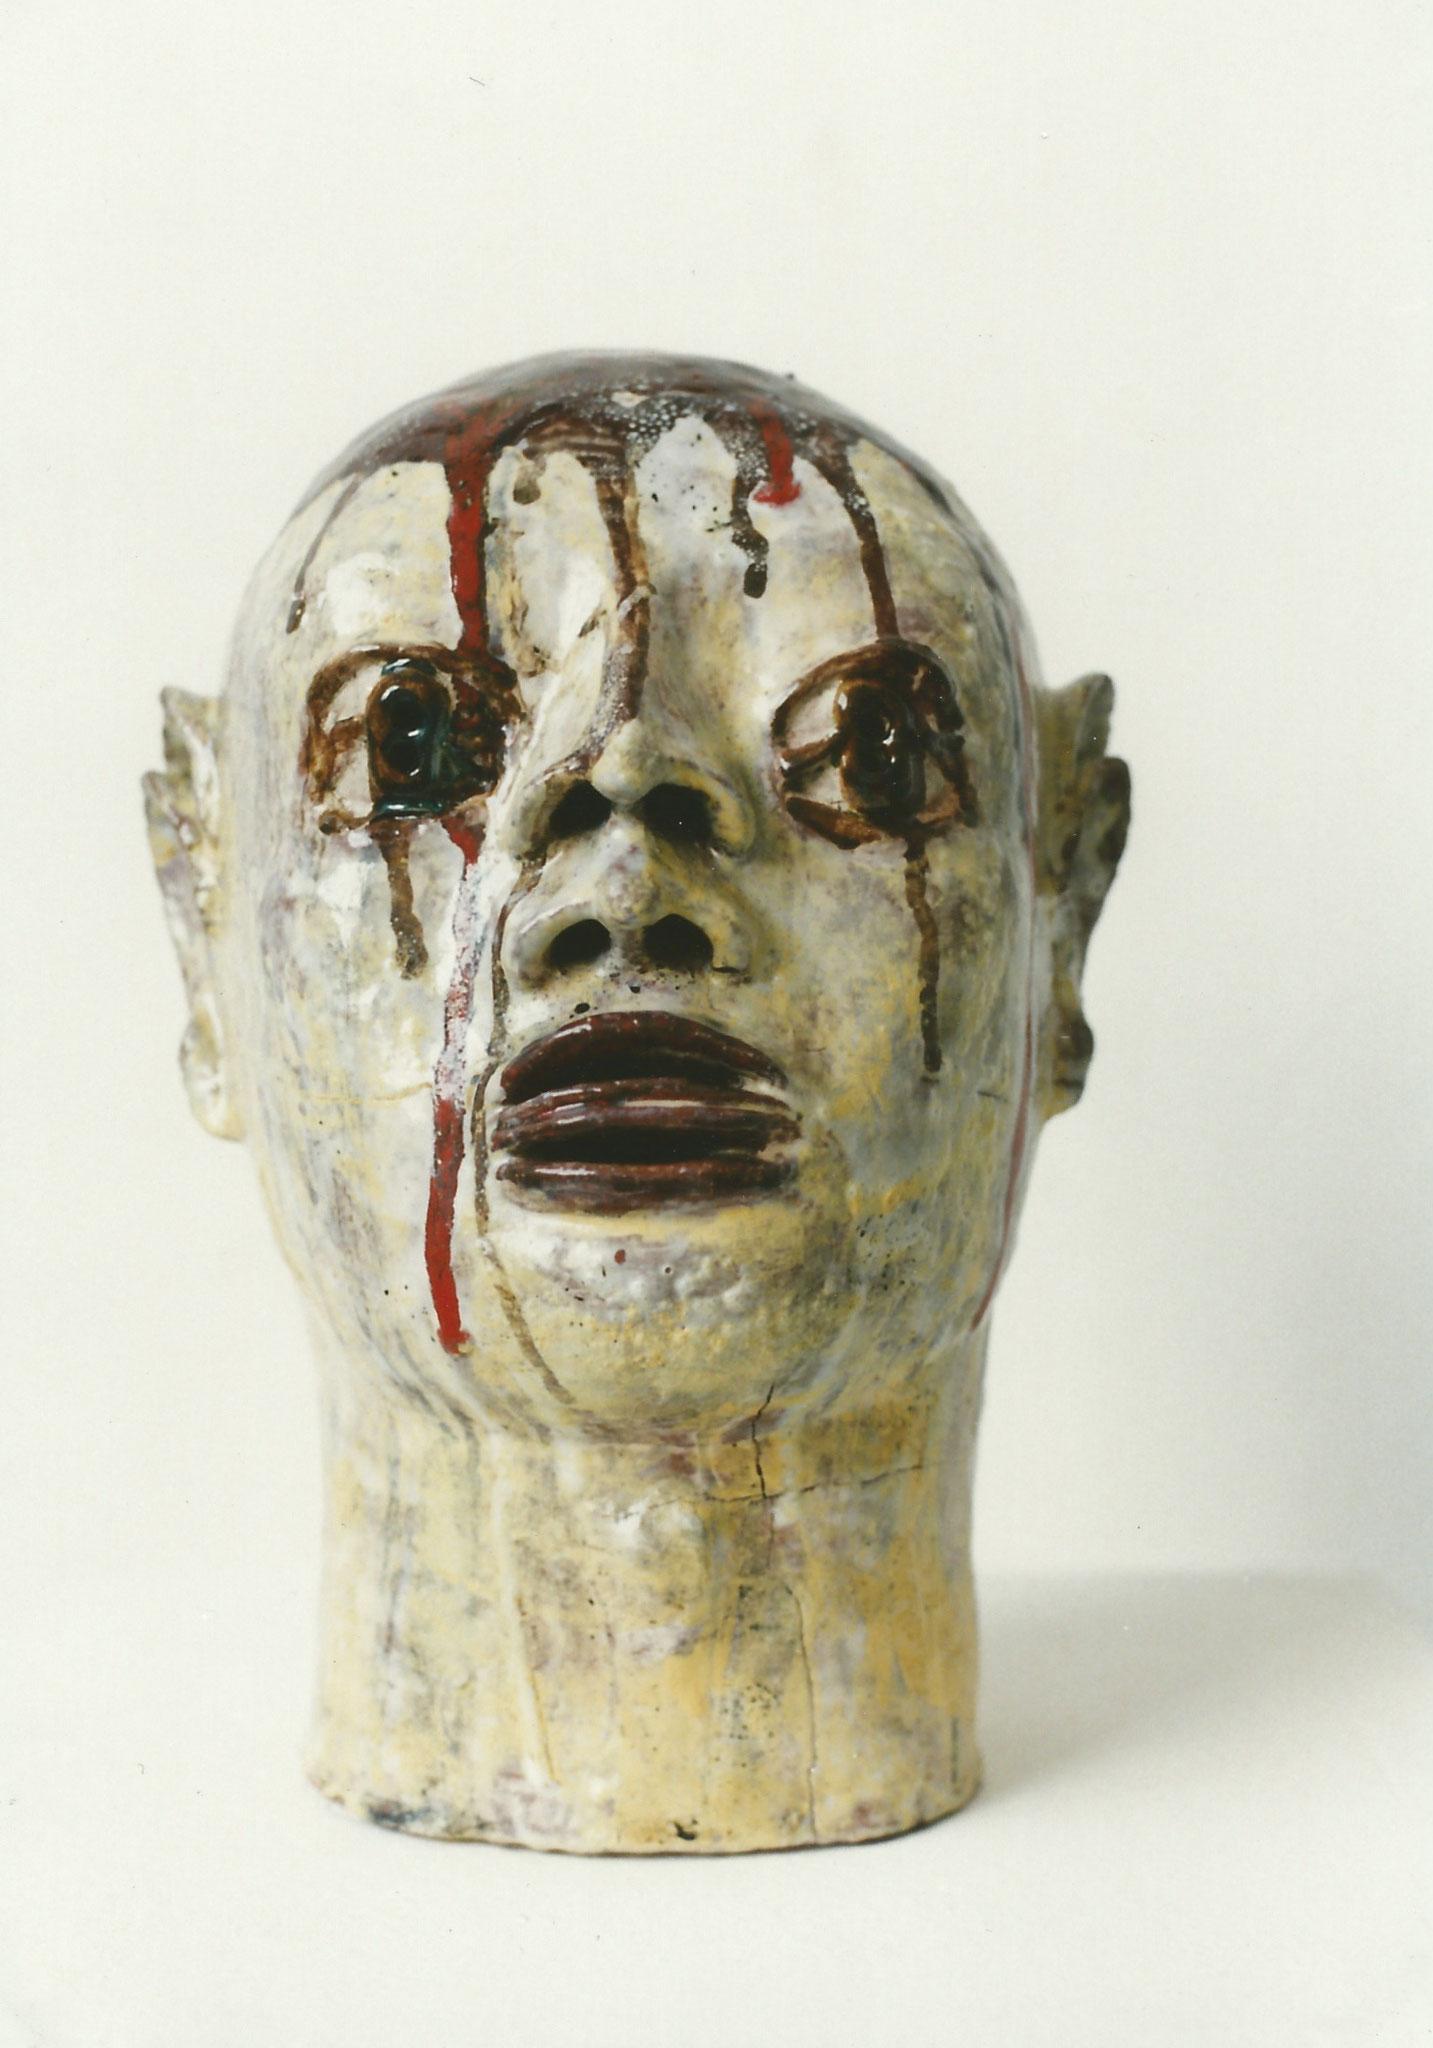 Januskopf Nr.5, Keramik glasiert, 1996 (33,8 x 22,5 x 24,3 cm)